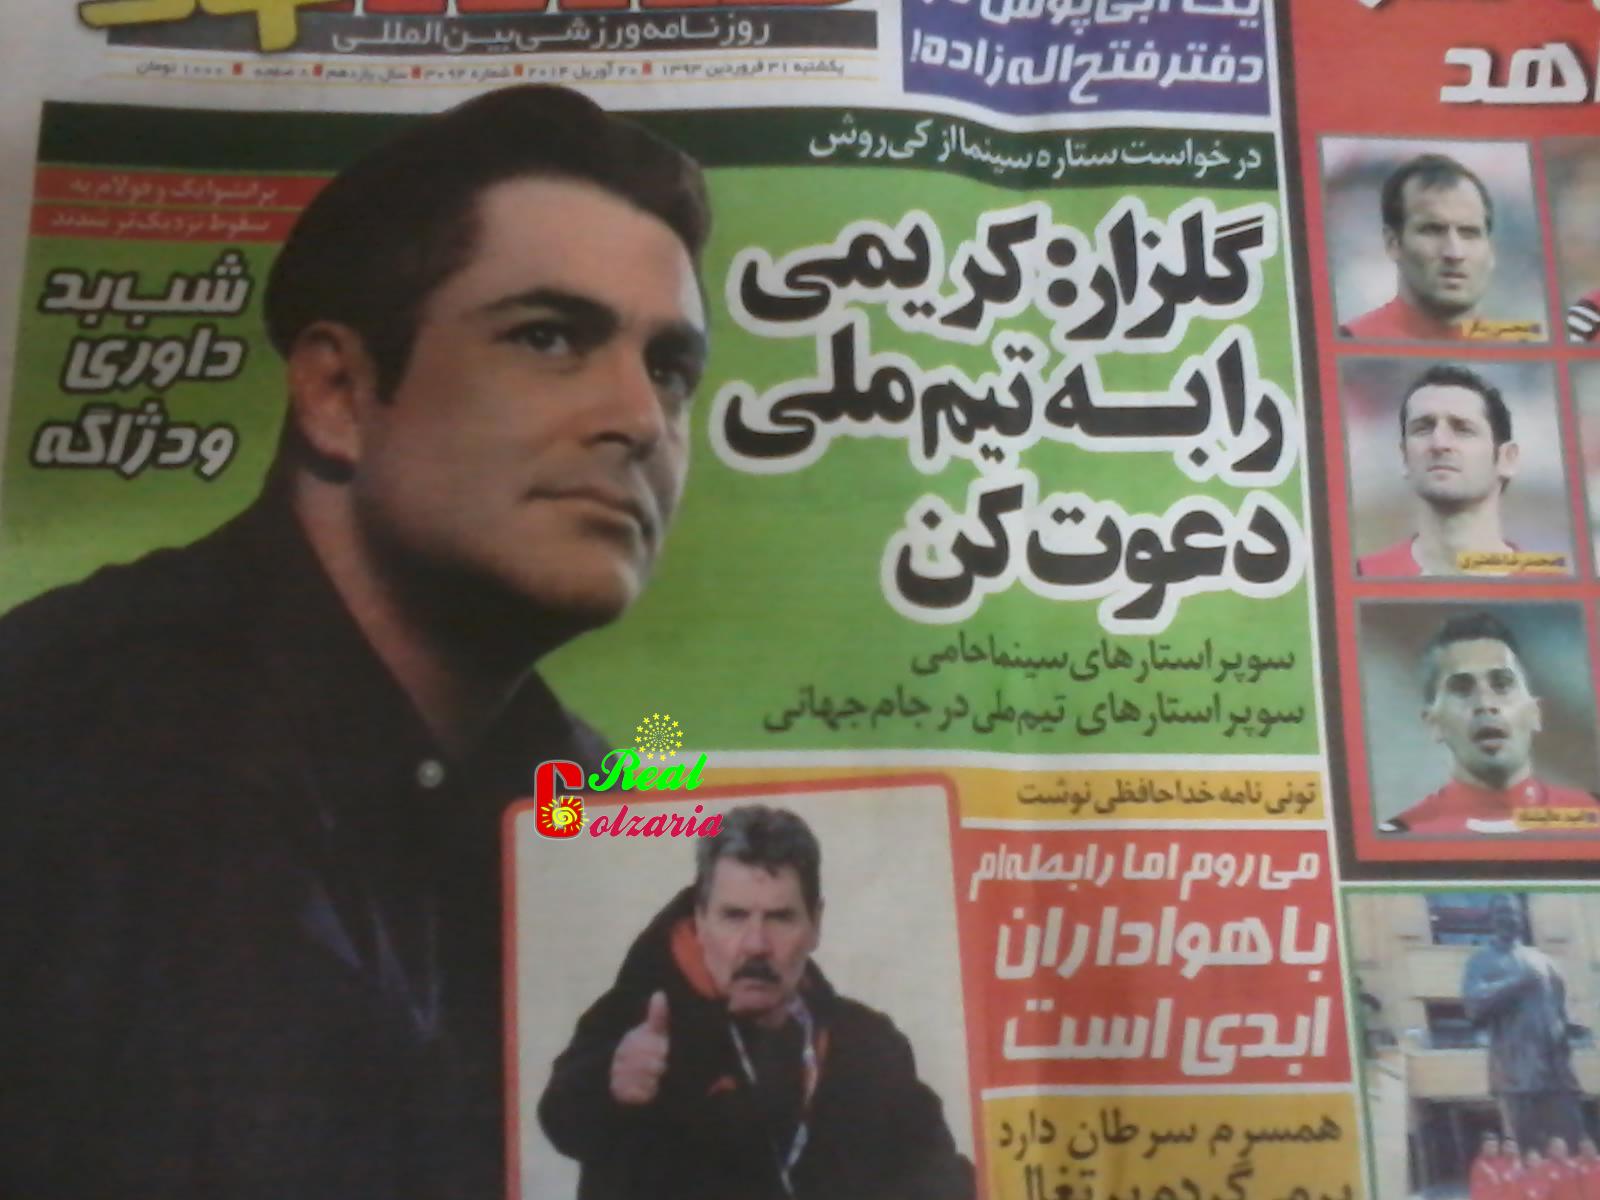 عکس محمد رضا گلزار در روزنامه فوتبال